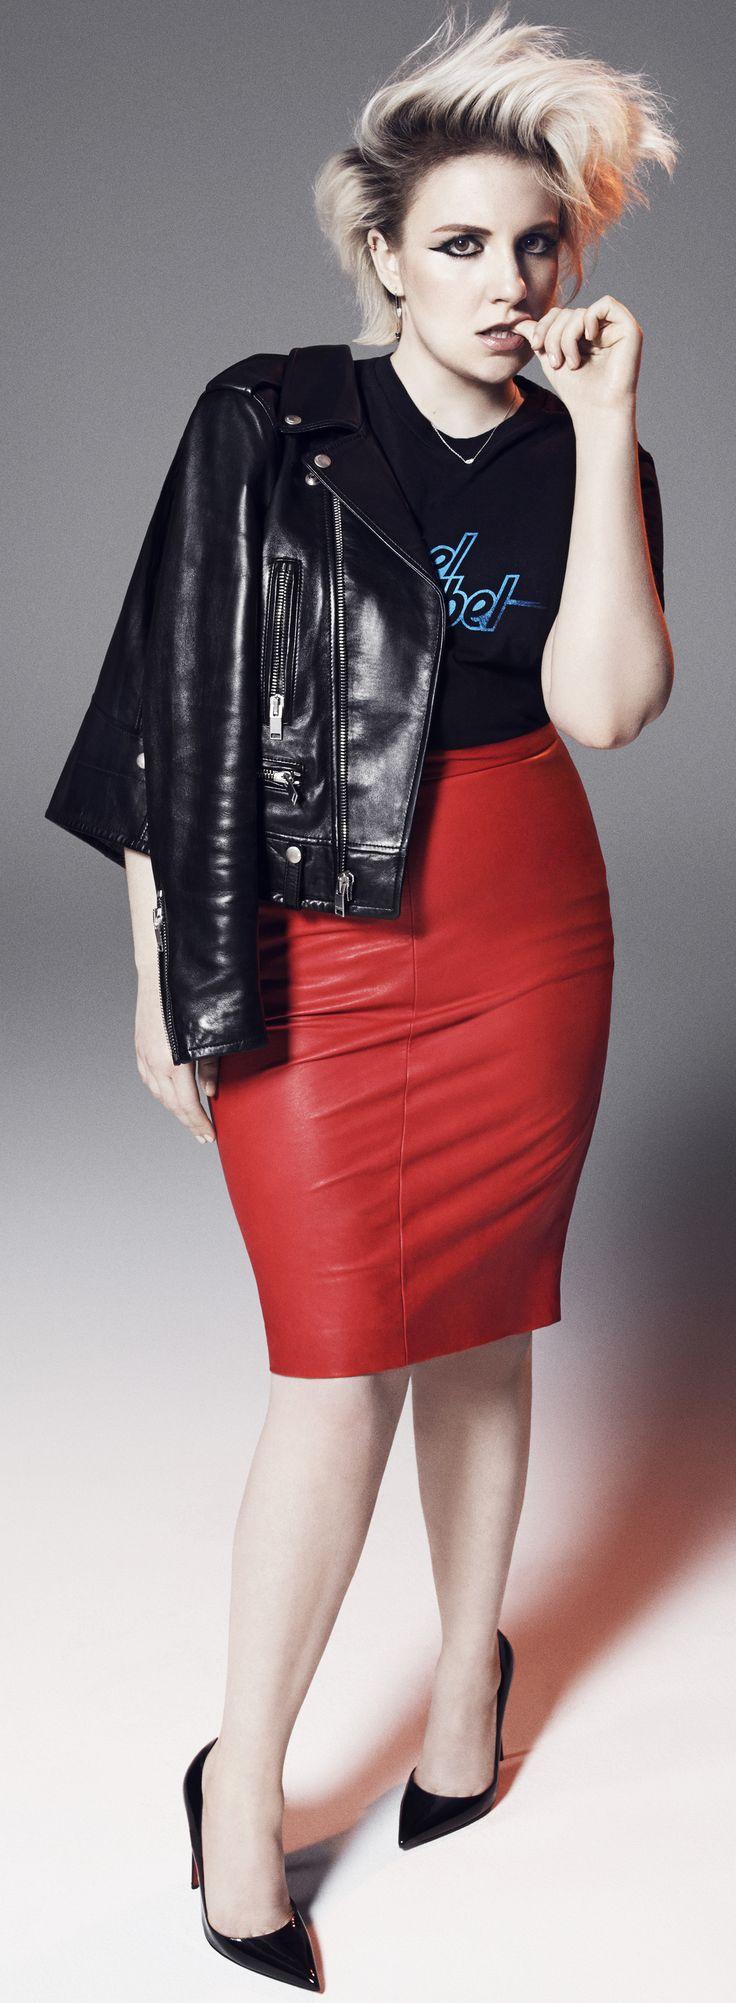 Lena Dunham on Elle February 2015